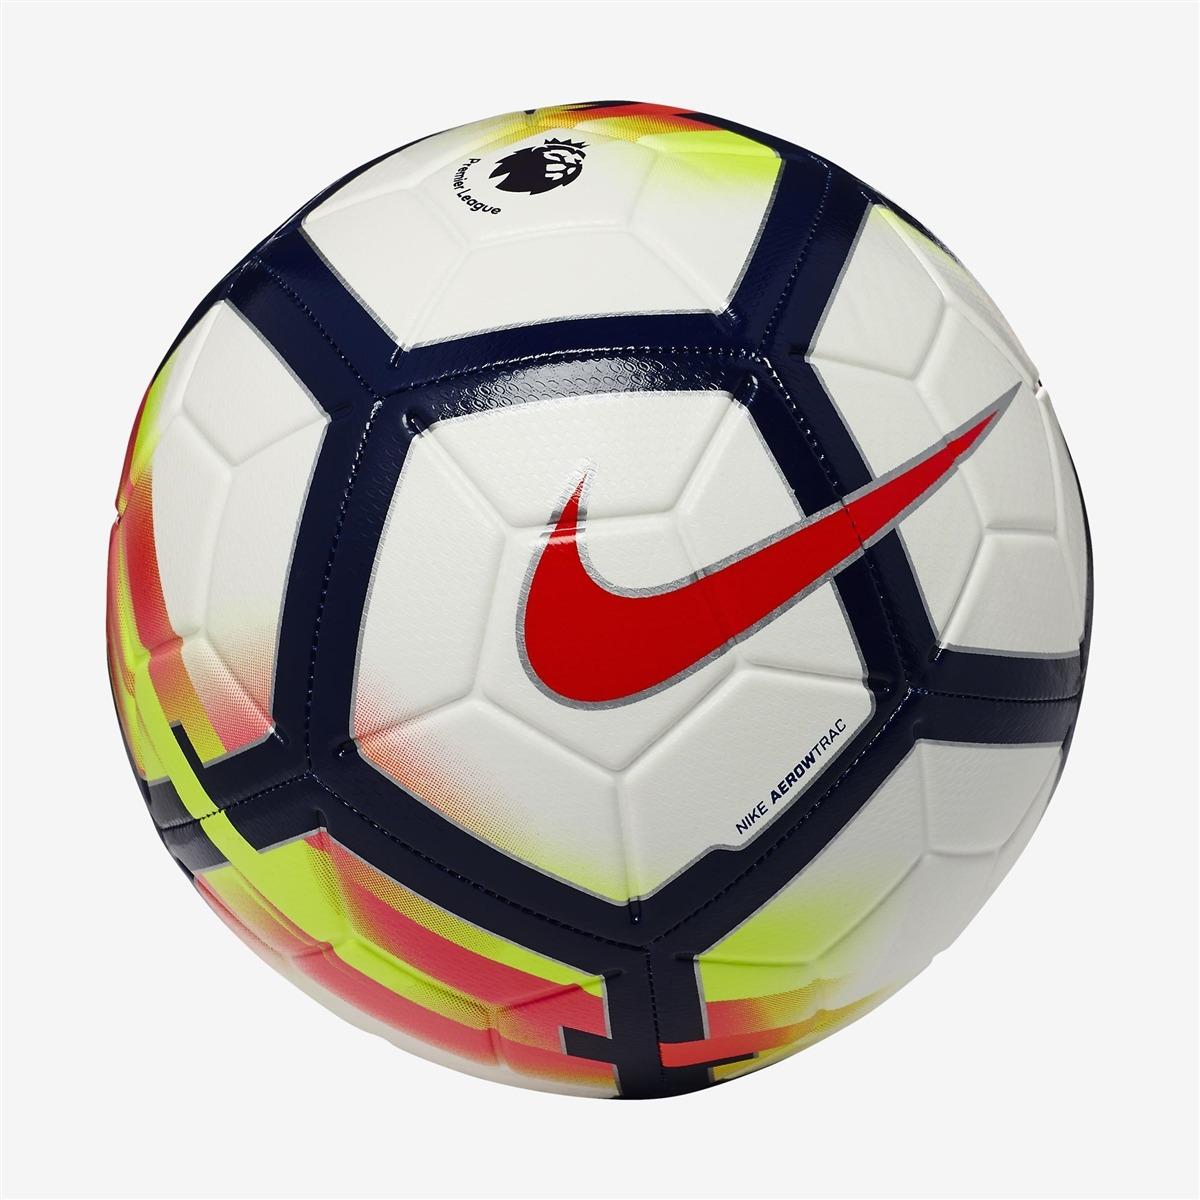 1d6ec1b714 bola futebol campo nike strike campeonato ingles pl original. Carregando  zoom.